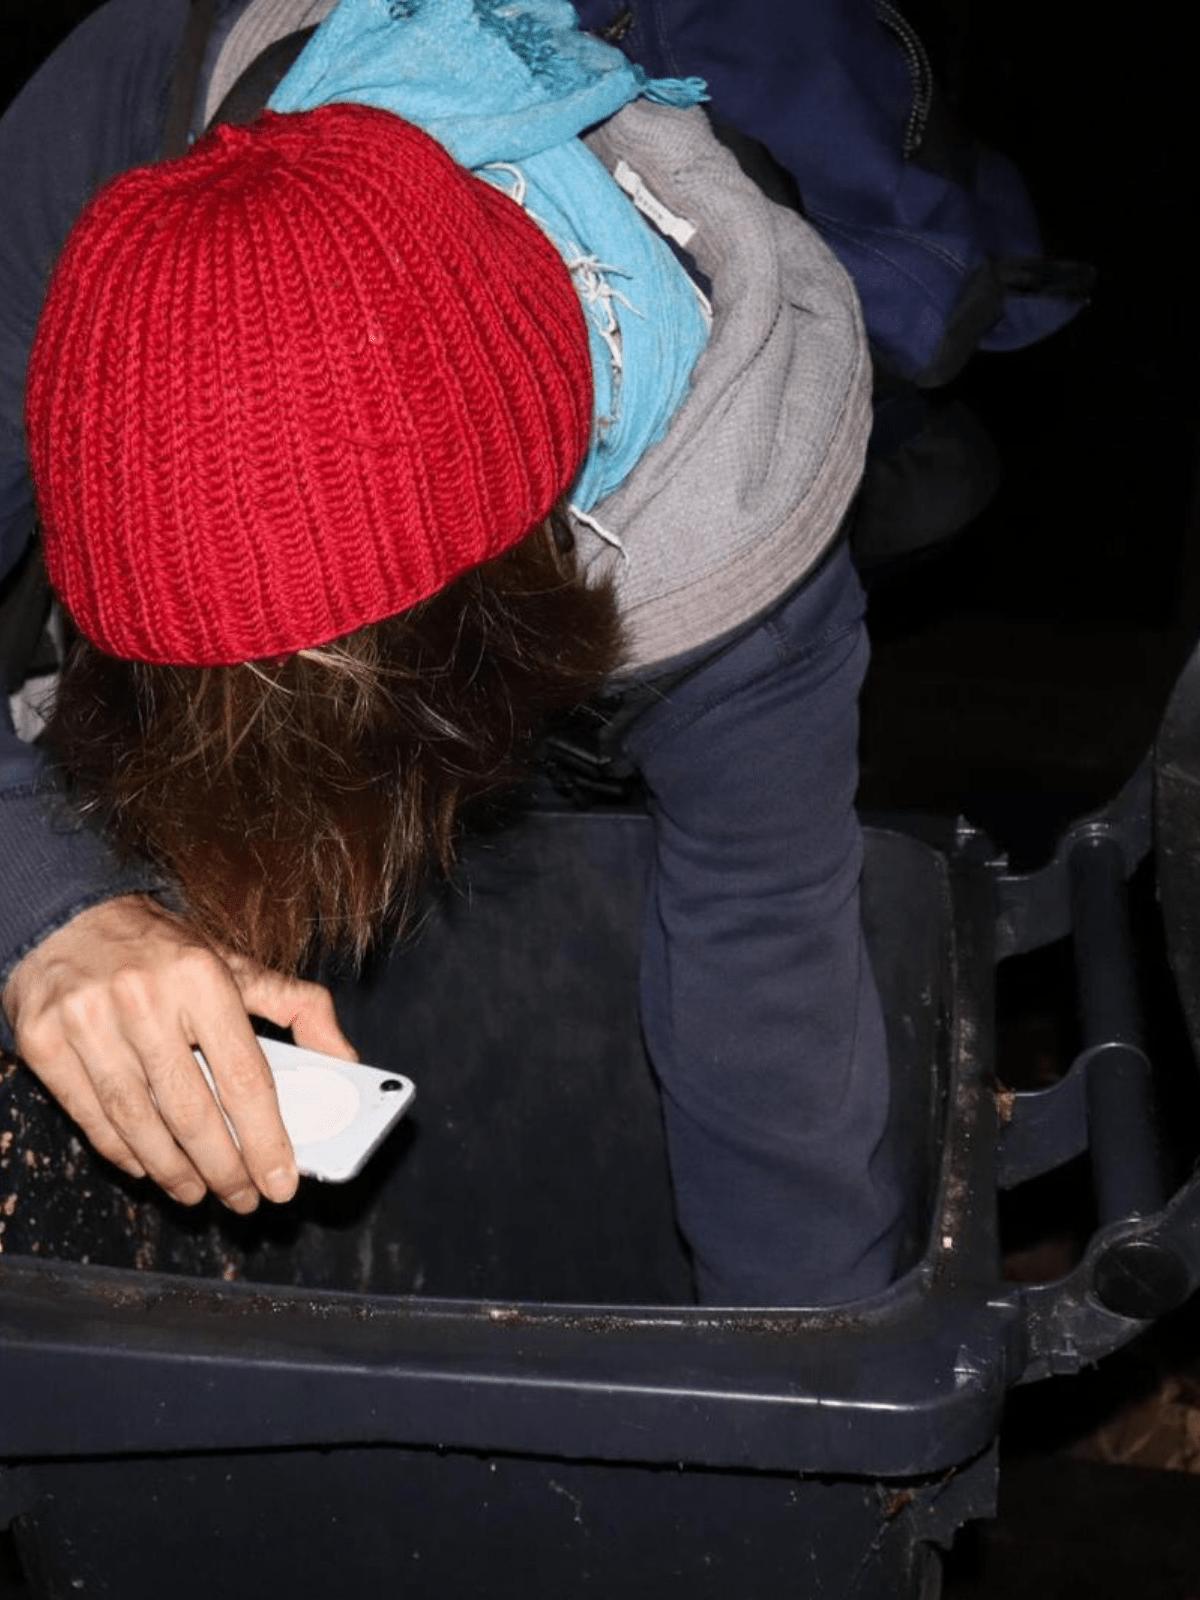 Marcoo Valentínoo schaut mit einer Handytaschenlampe in eine Mülltonne.